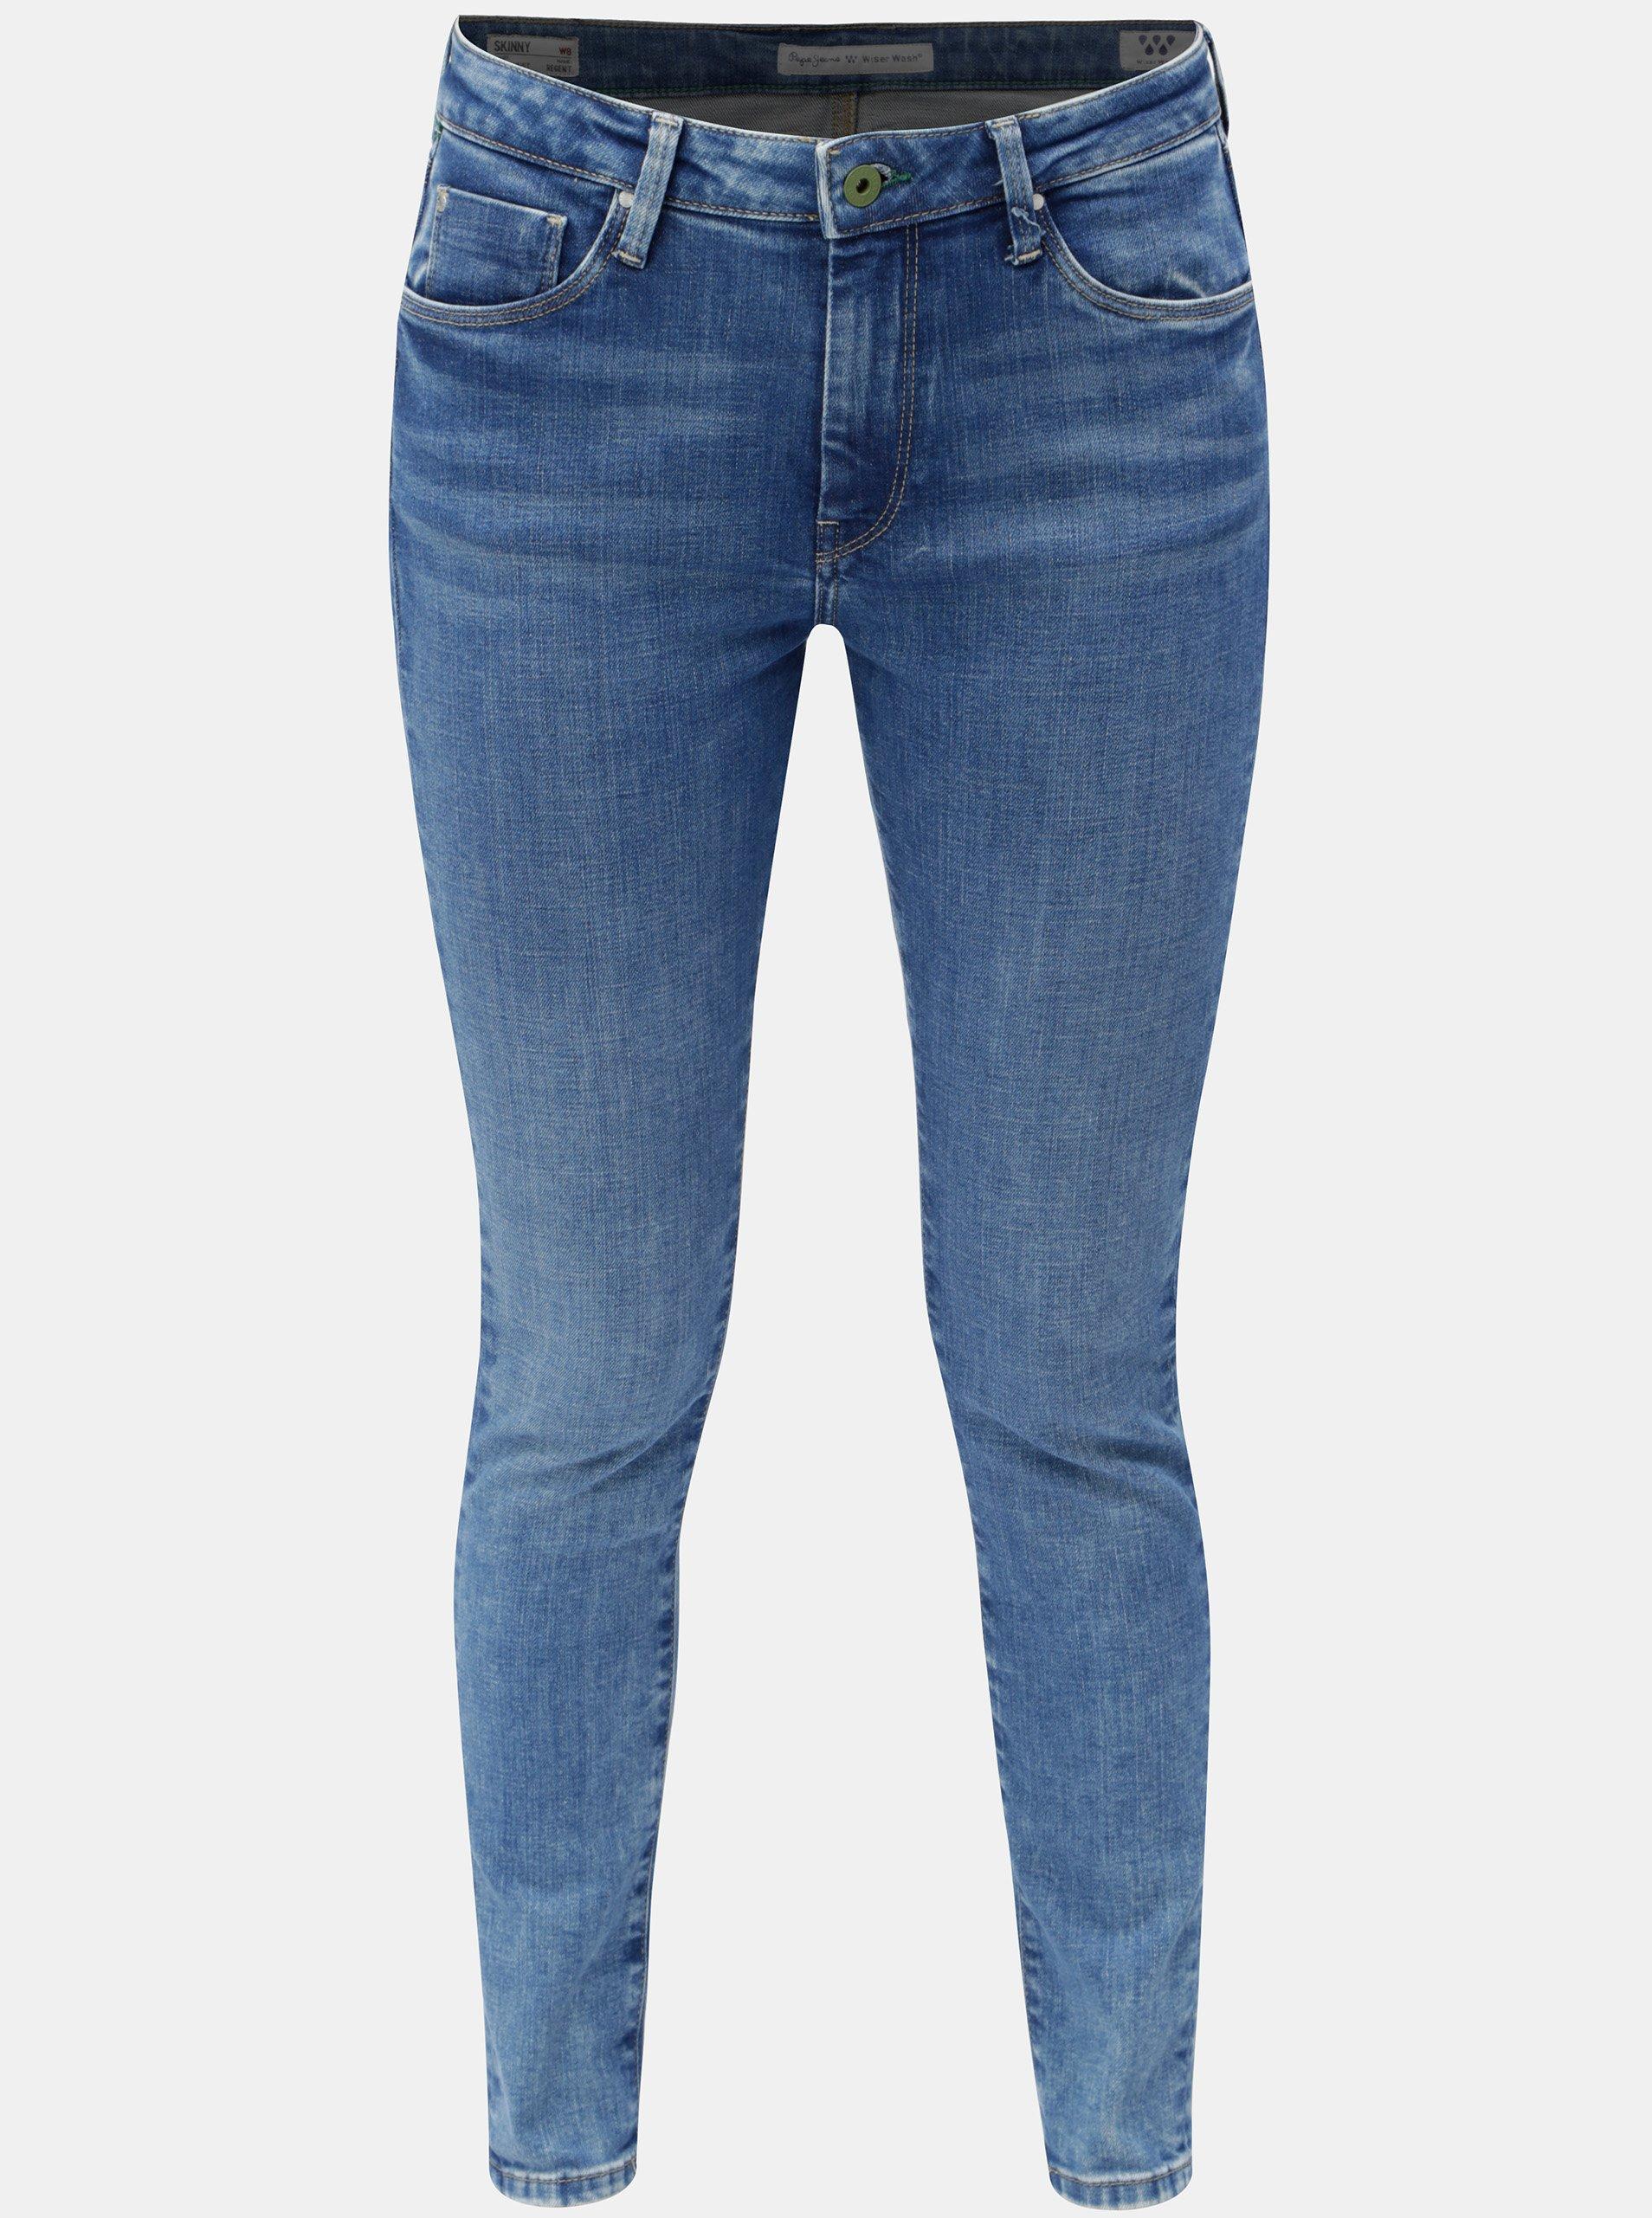 Modré dámské skinny džíny s vysokým pasem džíny Pepe Jeans Regent c39a85eb3f